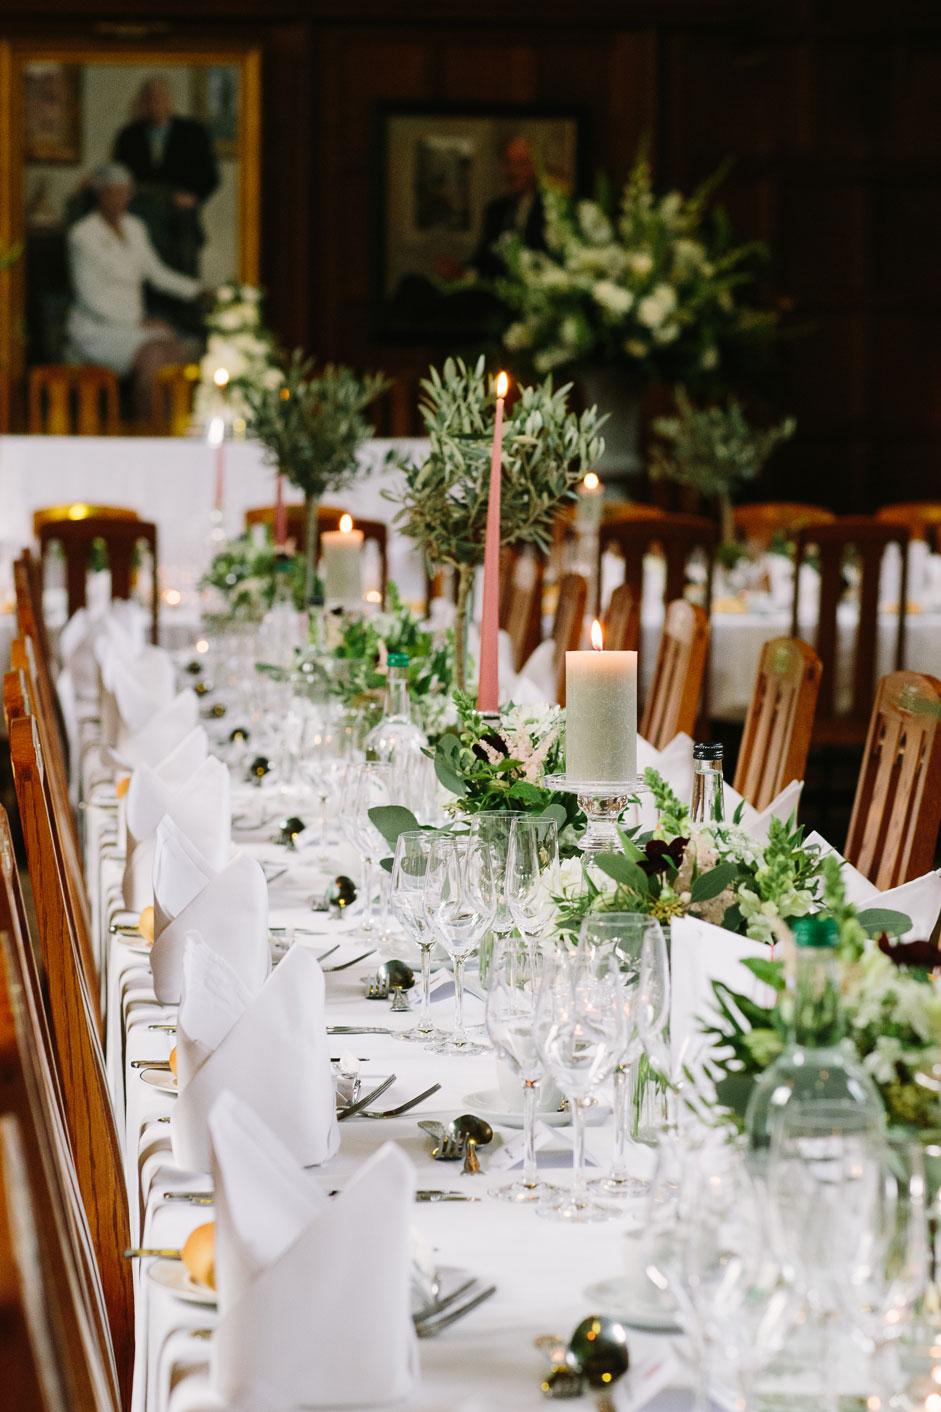 sarah-harper-floral-design-luxury-wedding-florist-flowers-oxfordshite-cotsworlds-gallery-elsbeth-sam-769_ES_Hi_Res_B